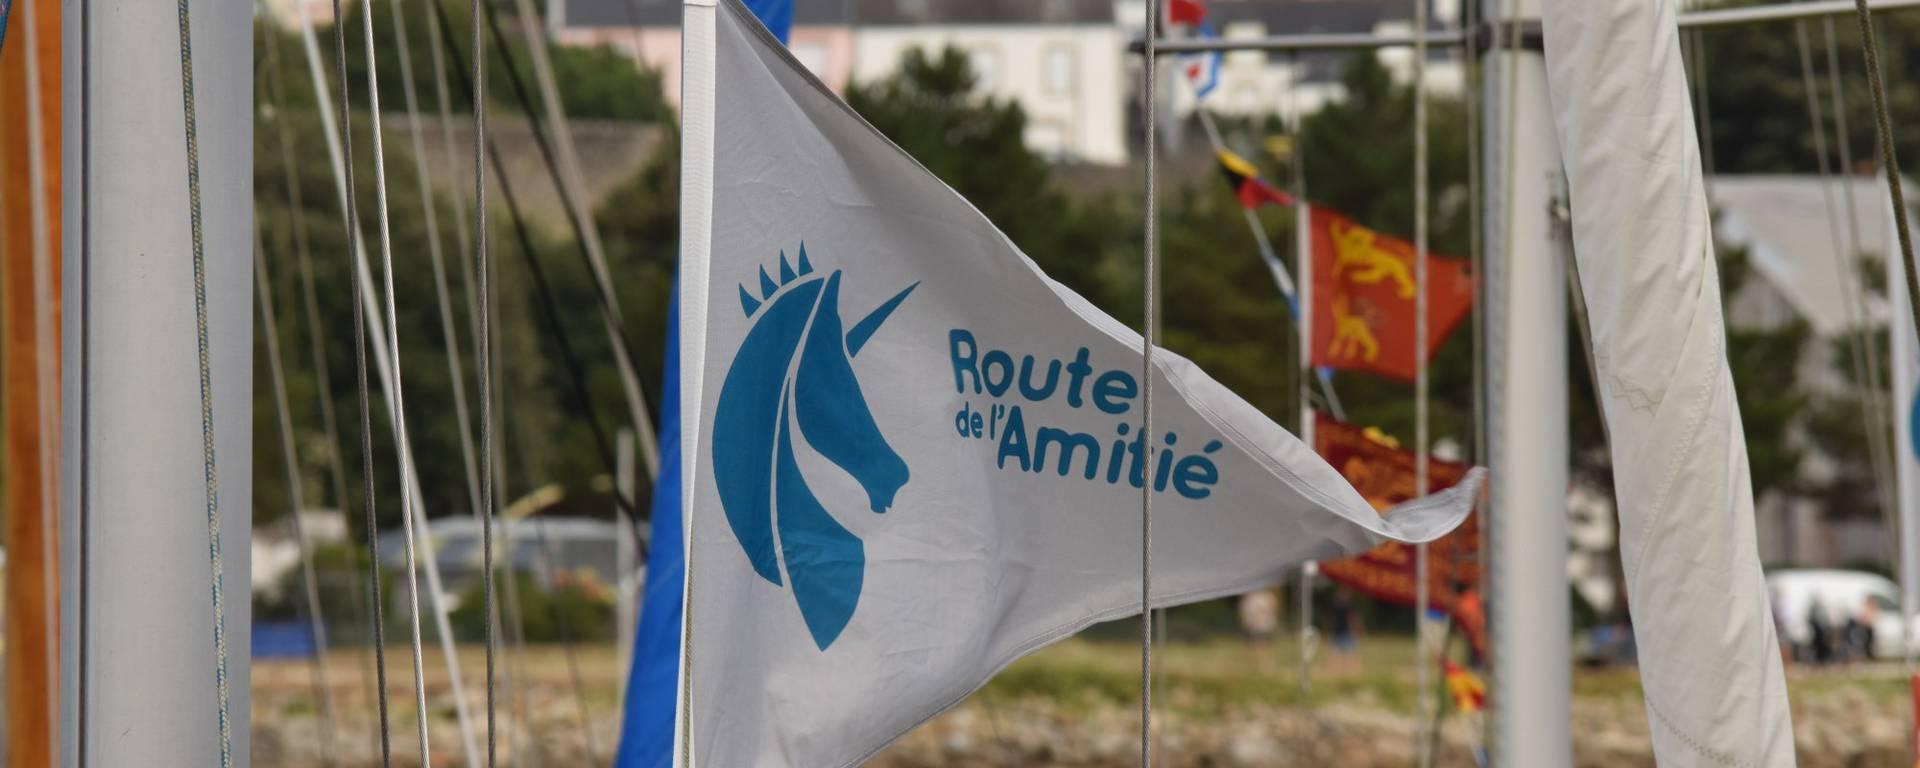 La Route de l'Amitié © OT Cap-Sizun Pointe du Raz